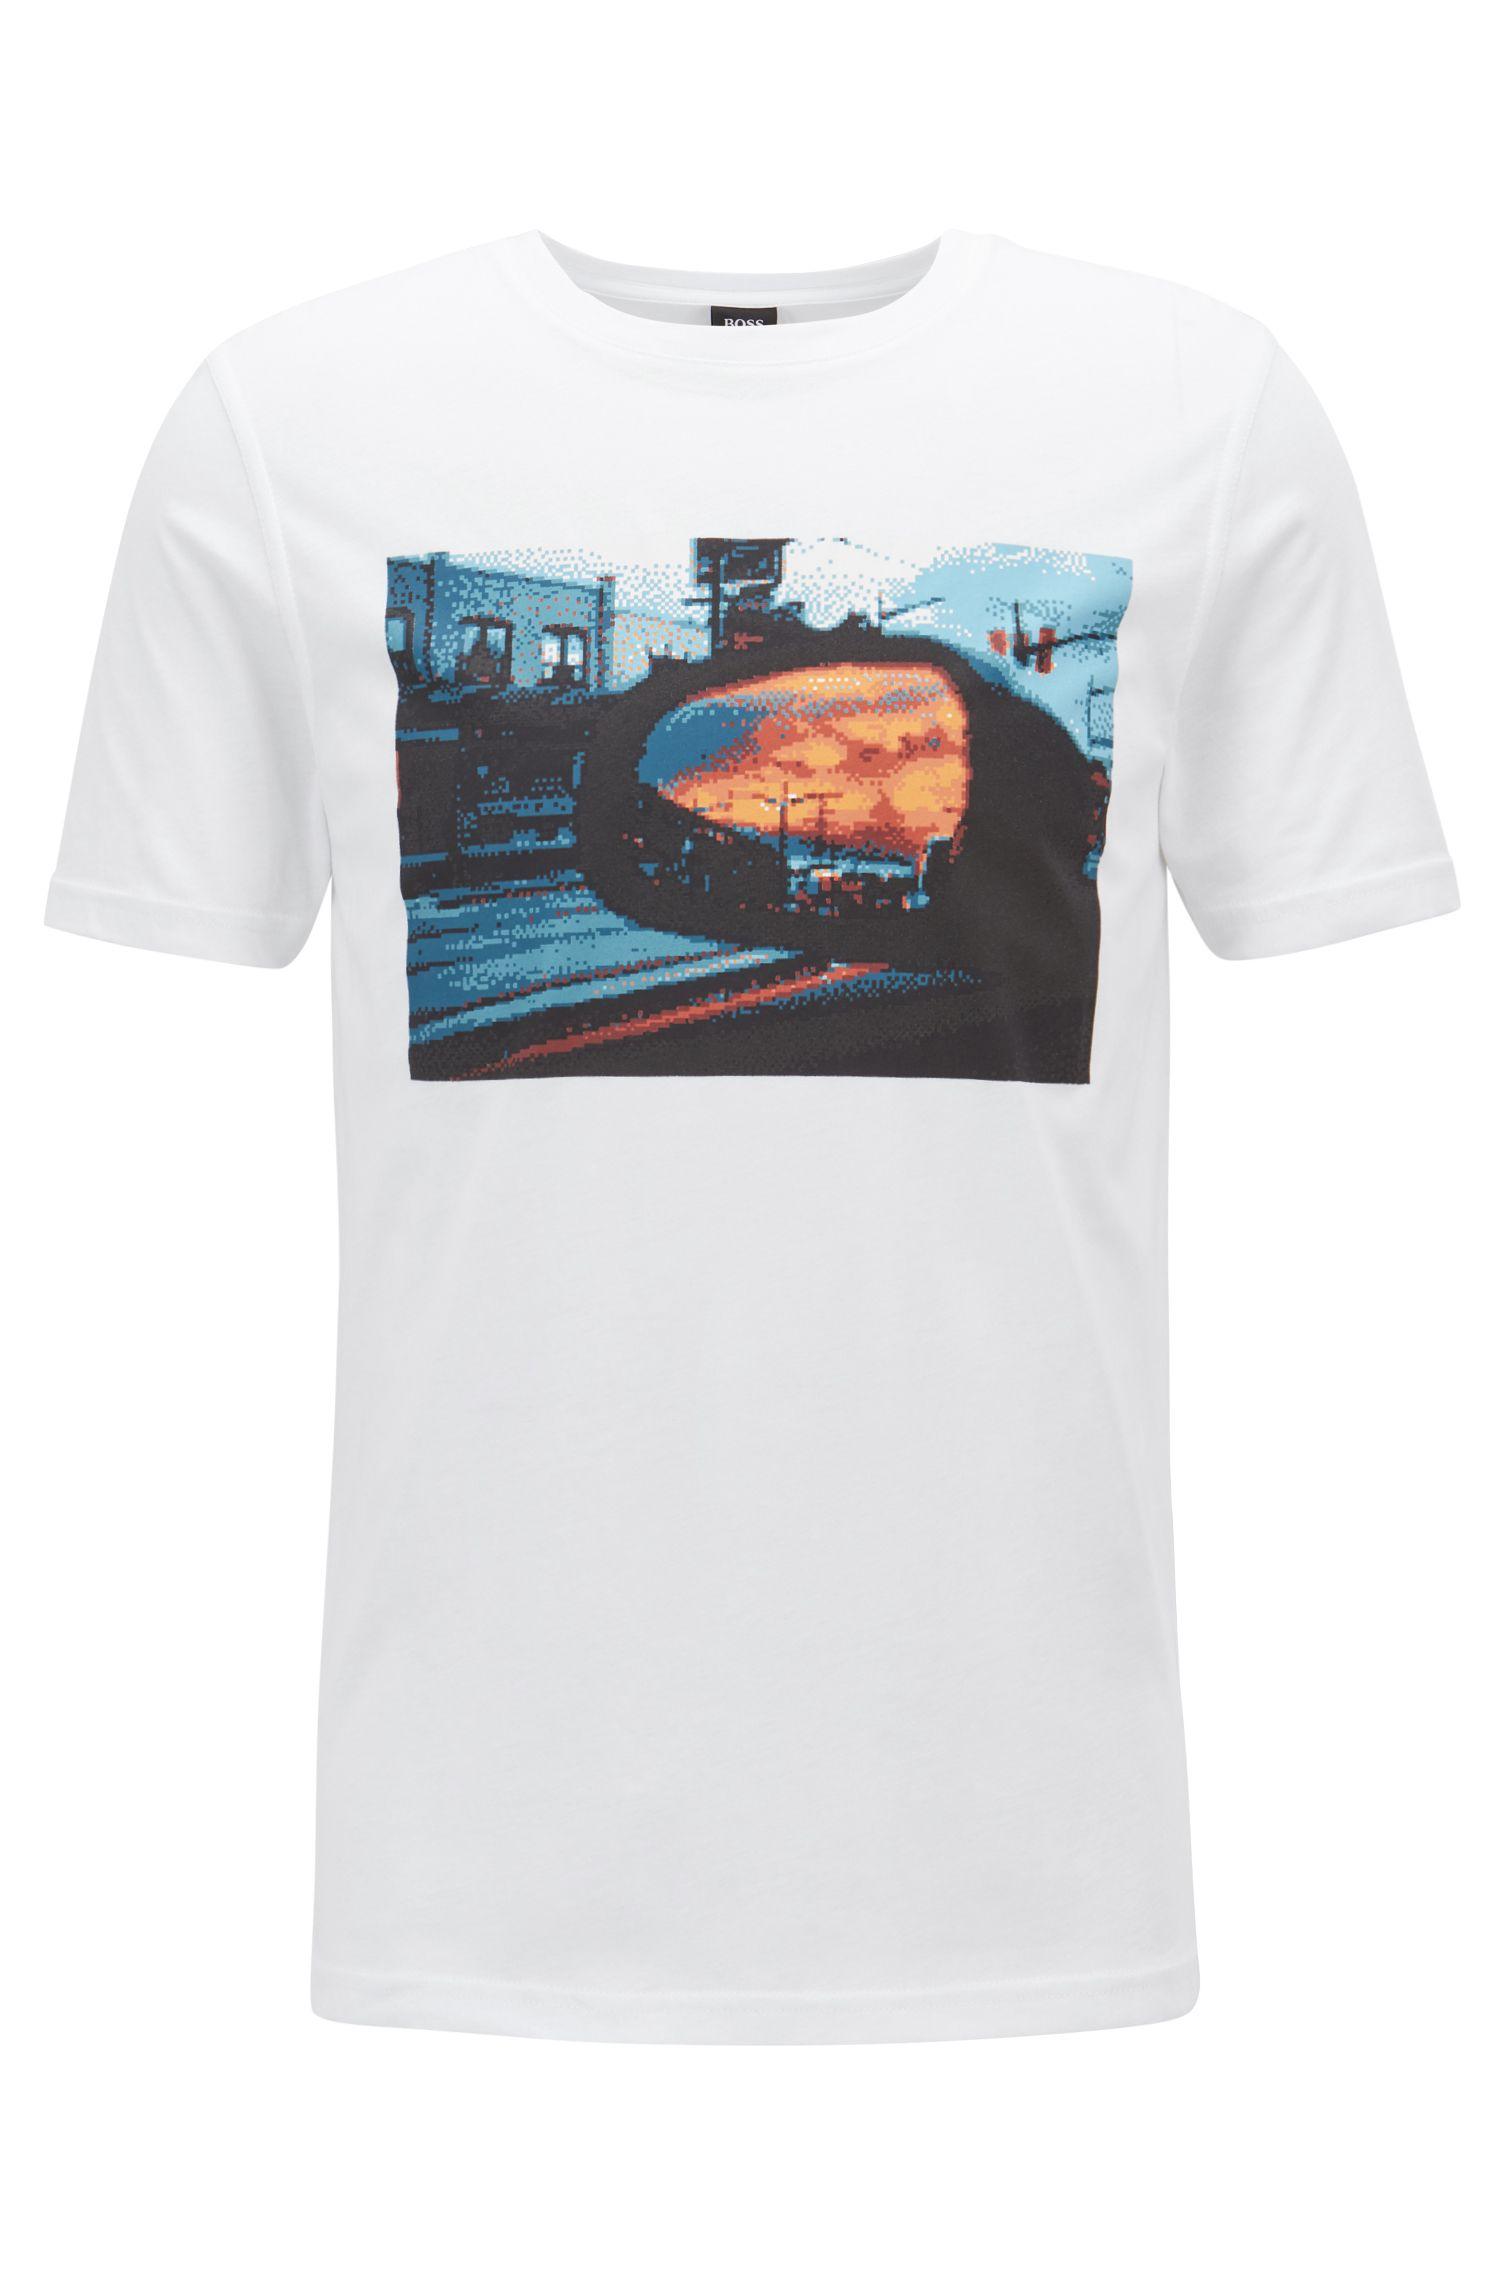 T-shirt en jersey de coton délavé à imprimé à base d'eau, Blanc